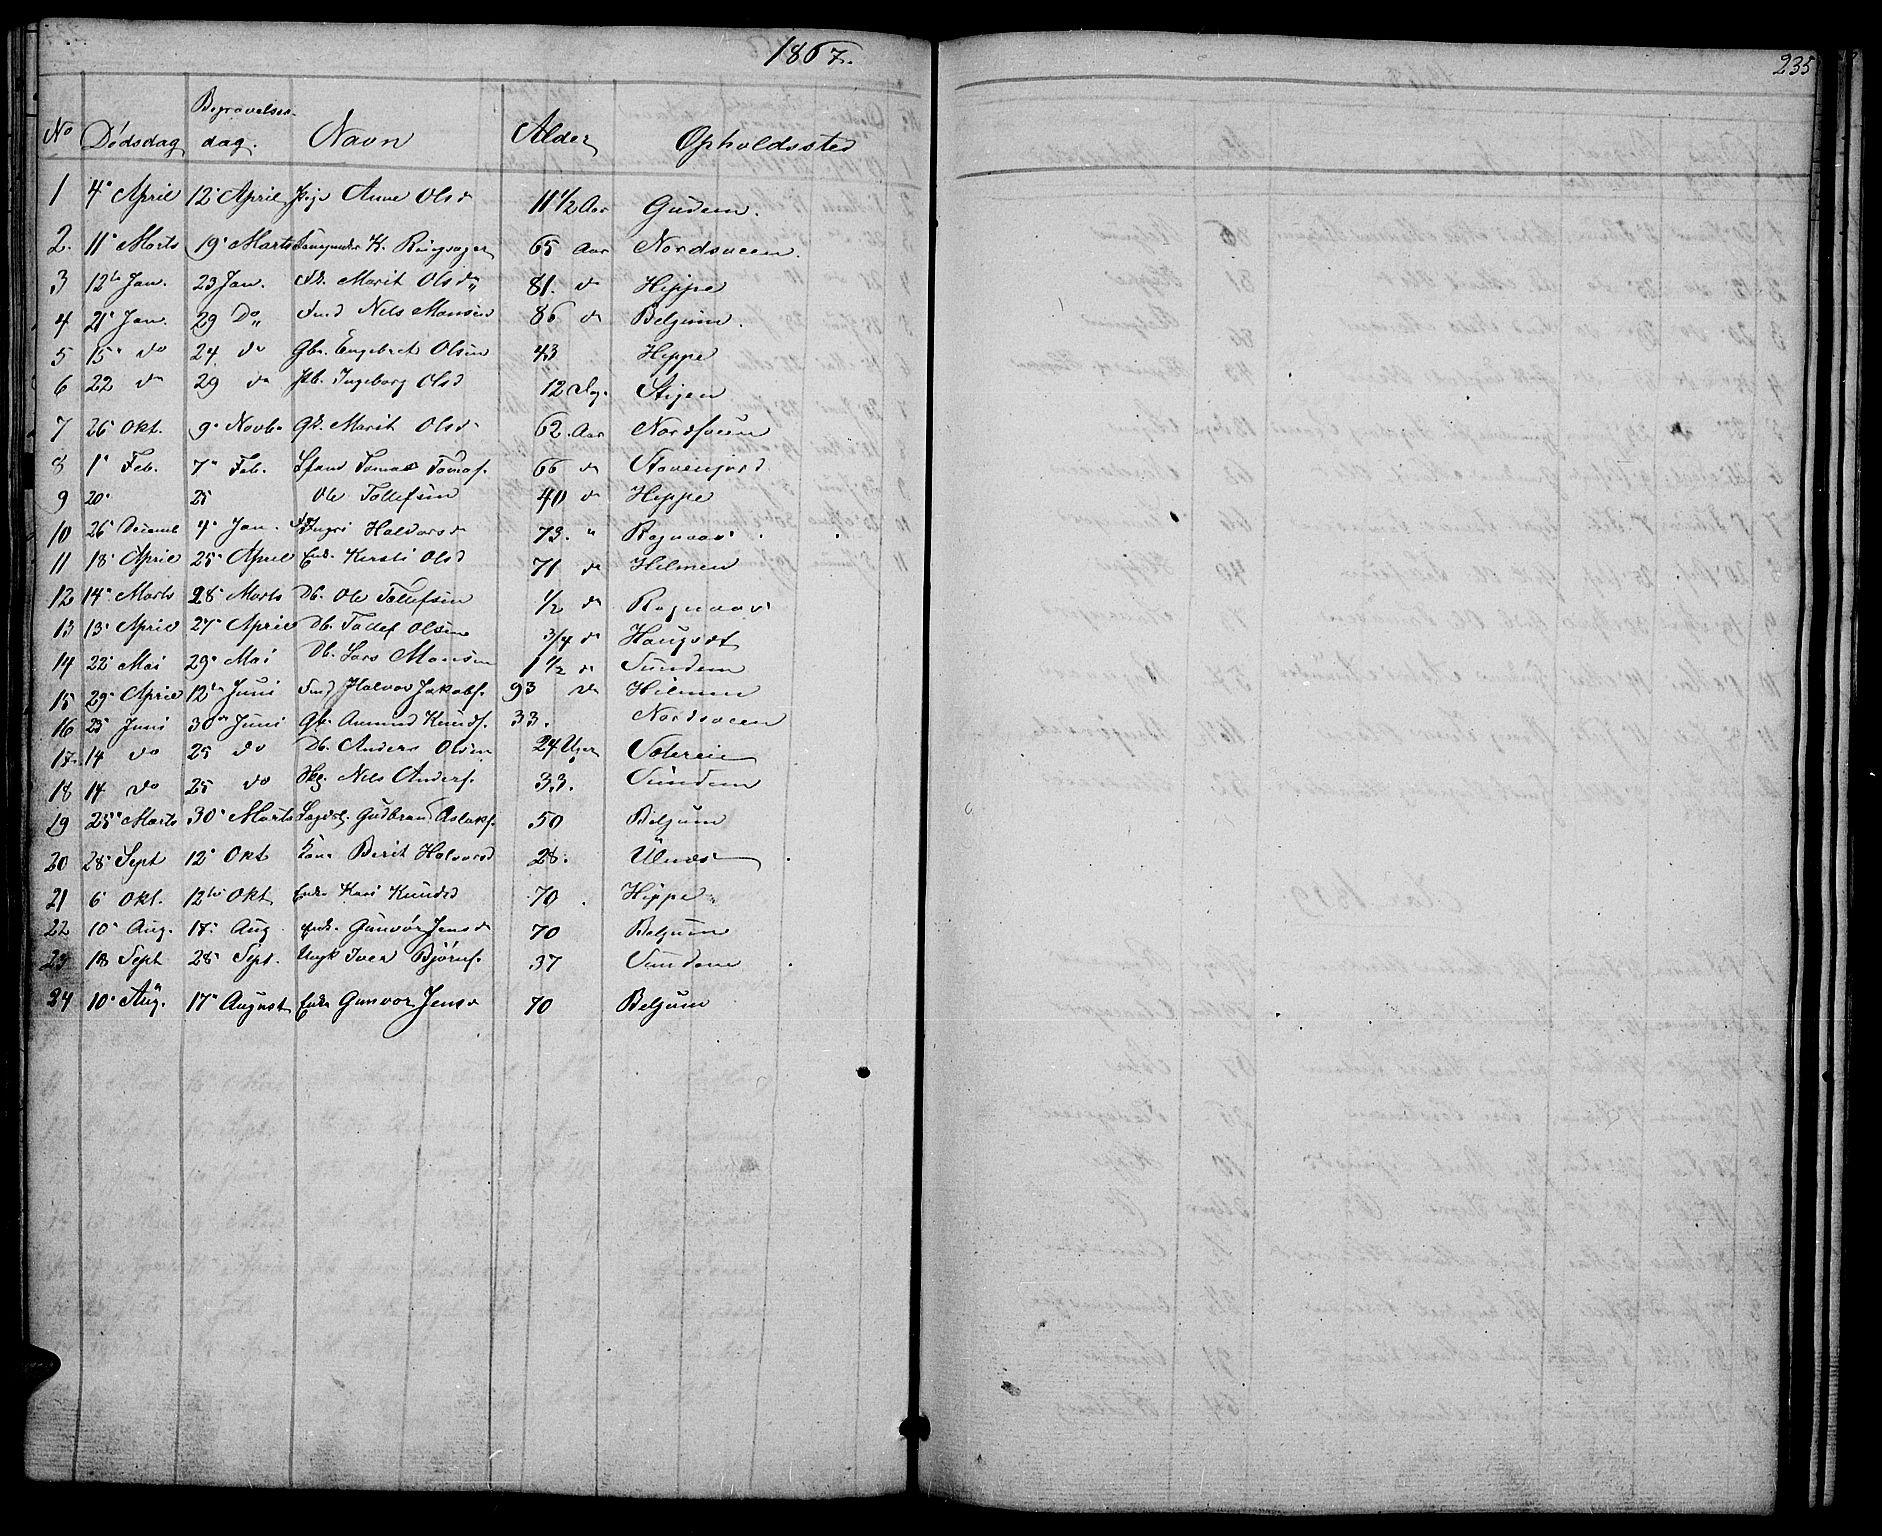 SAH, Nord-Aurdal prestekontor, Klokkerbok nr. 4, 1842-1882, s. 235